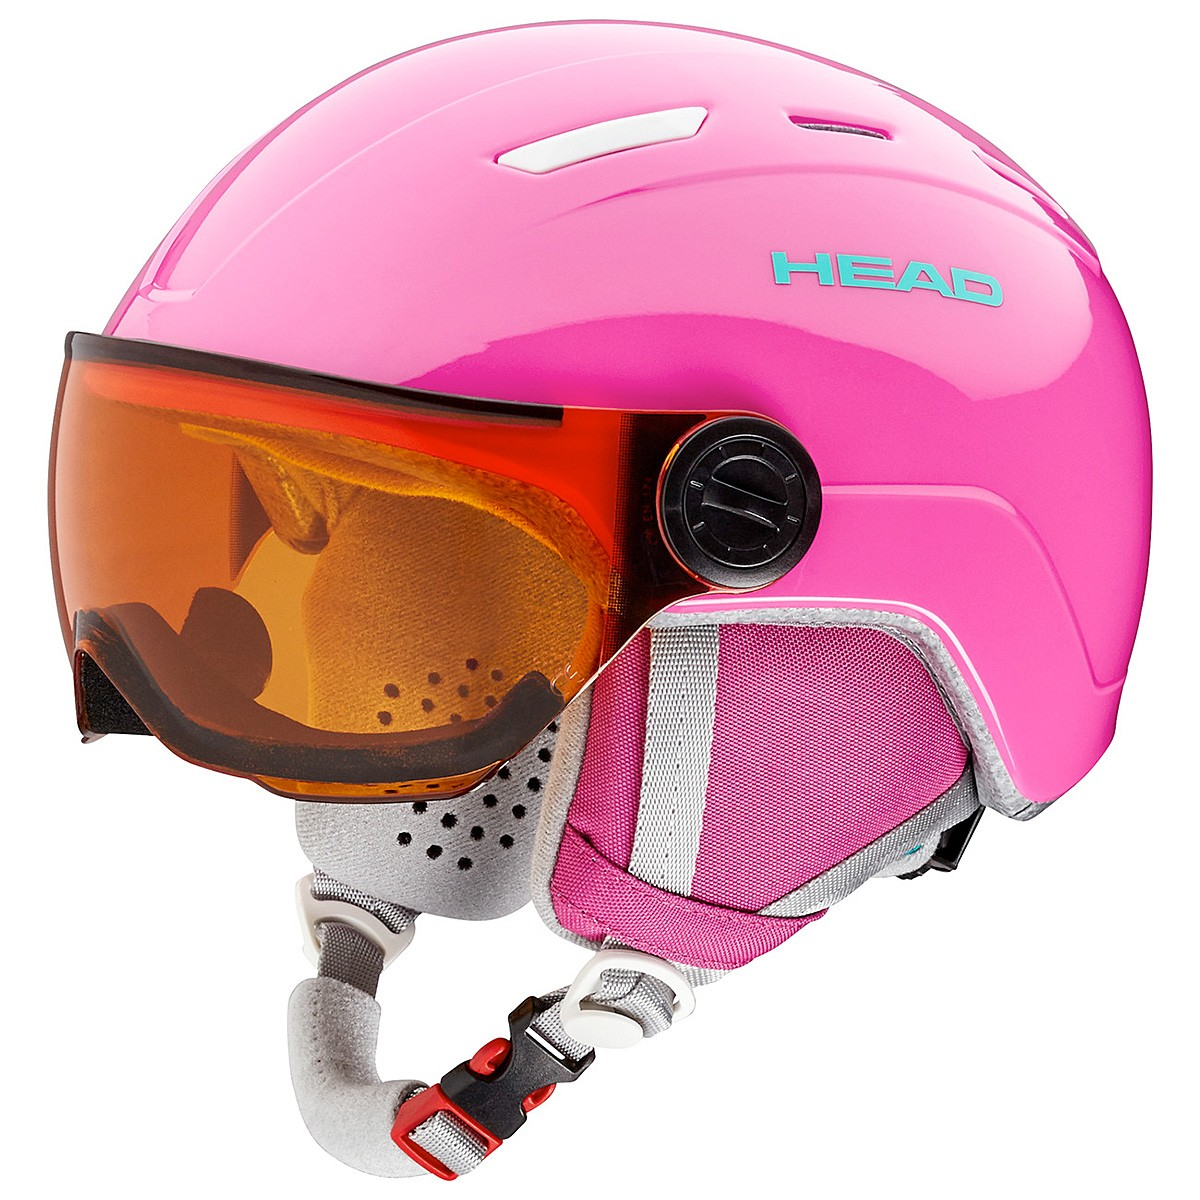 Casco sci Head Maja Visor (Colore: rosa, Taglia: 47/51)